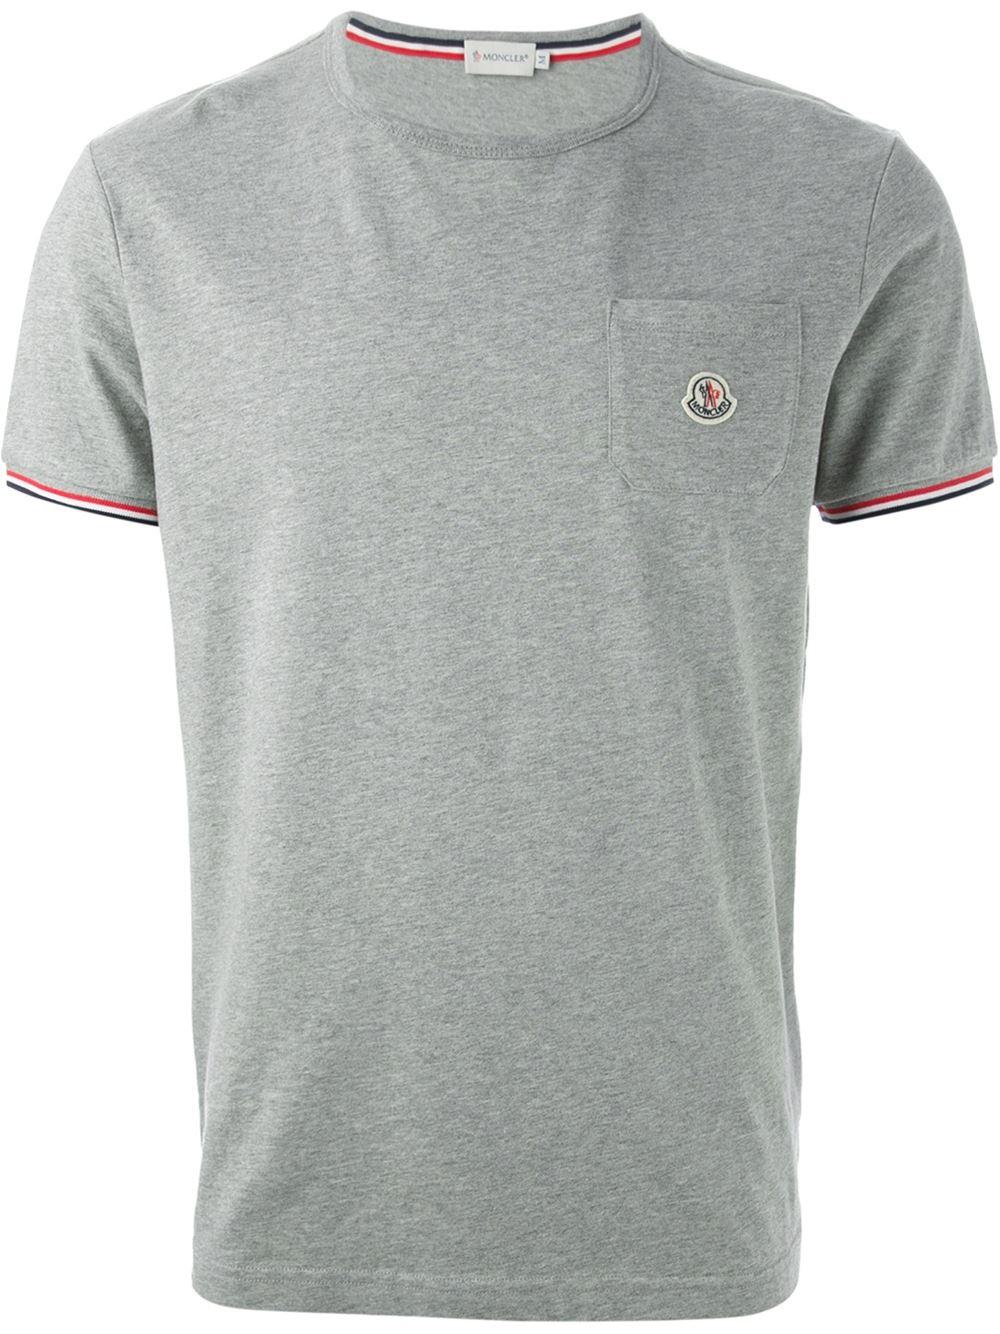 moncler shirt 2015